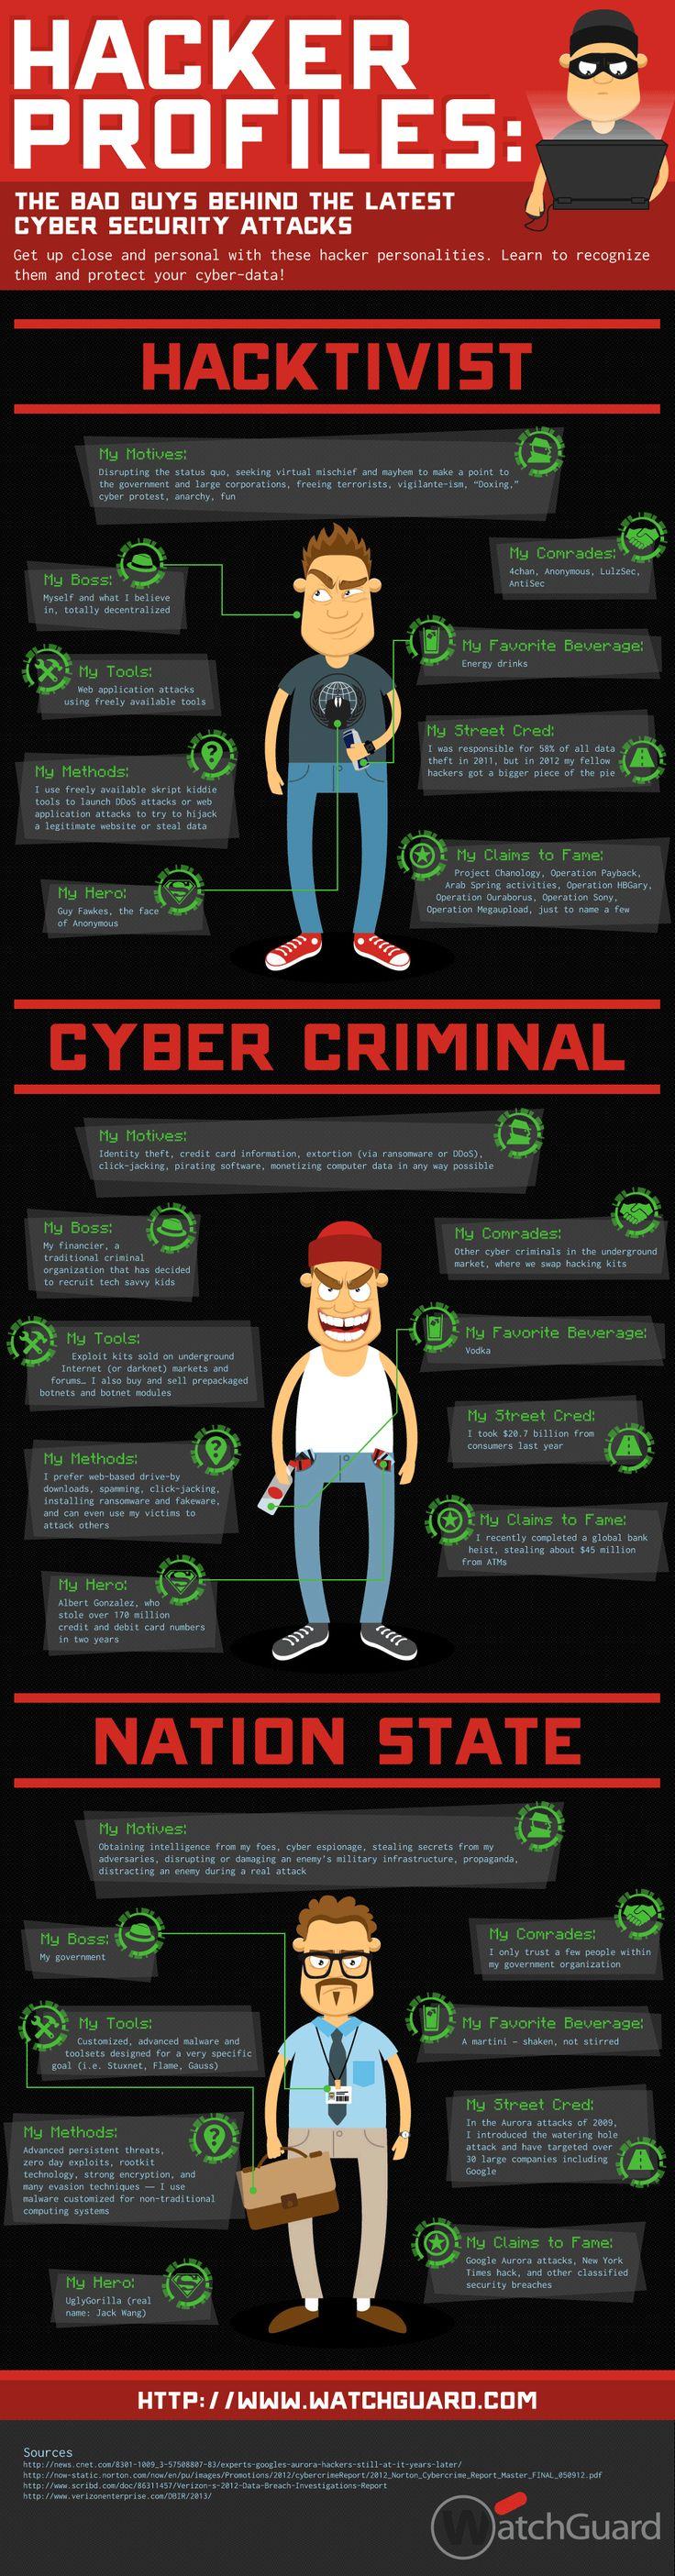 Los 3 tipos de hackers más peligrosos #infografia